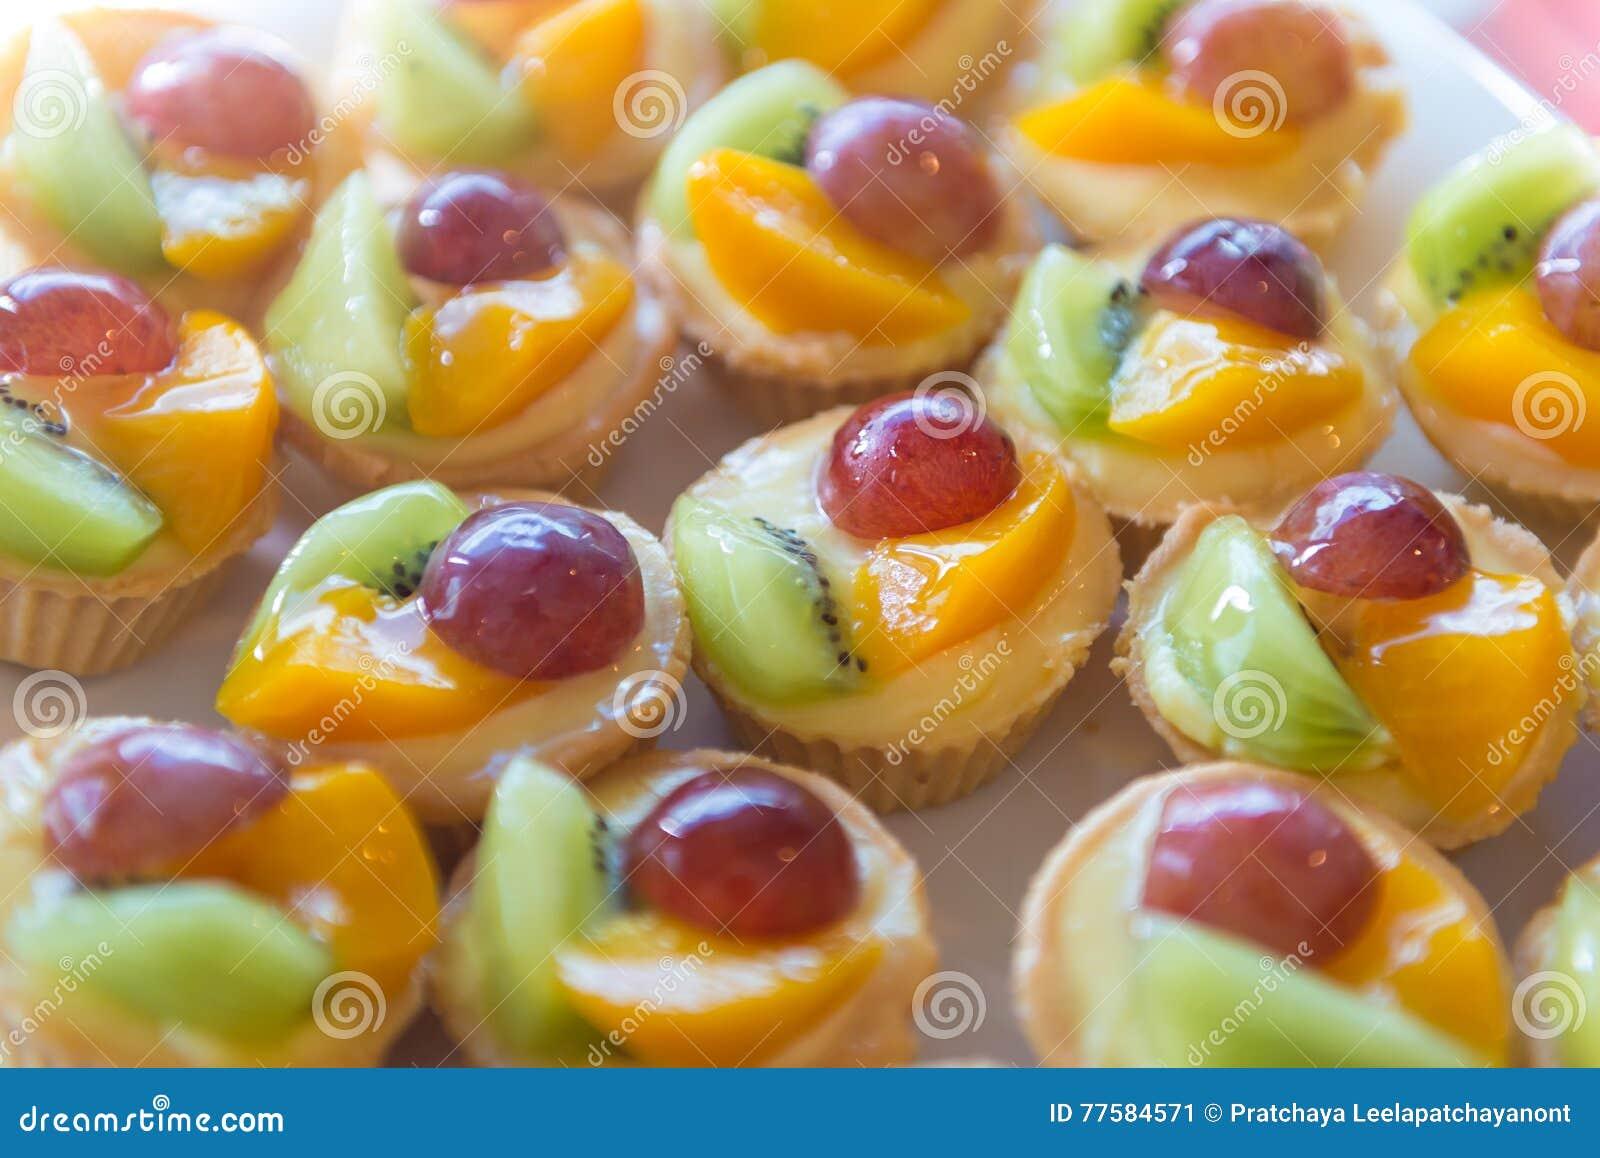 Смешанный пирог заварного крема свежих фруктов